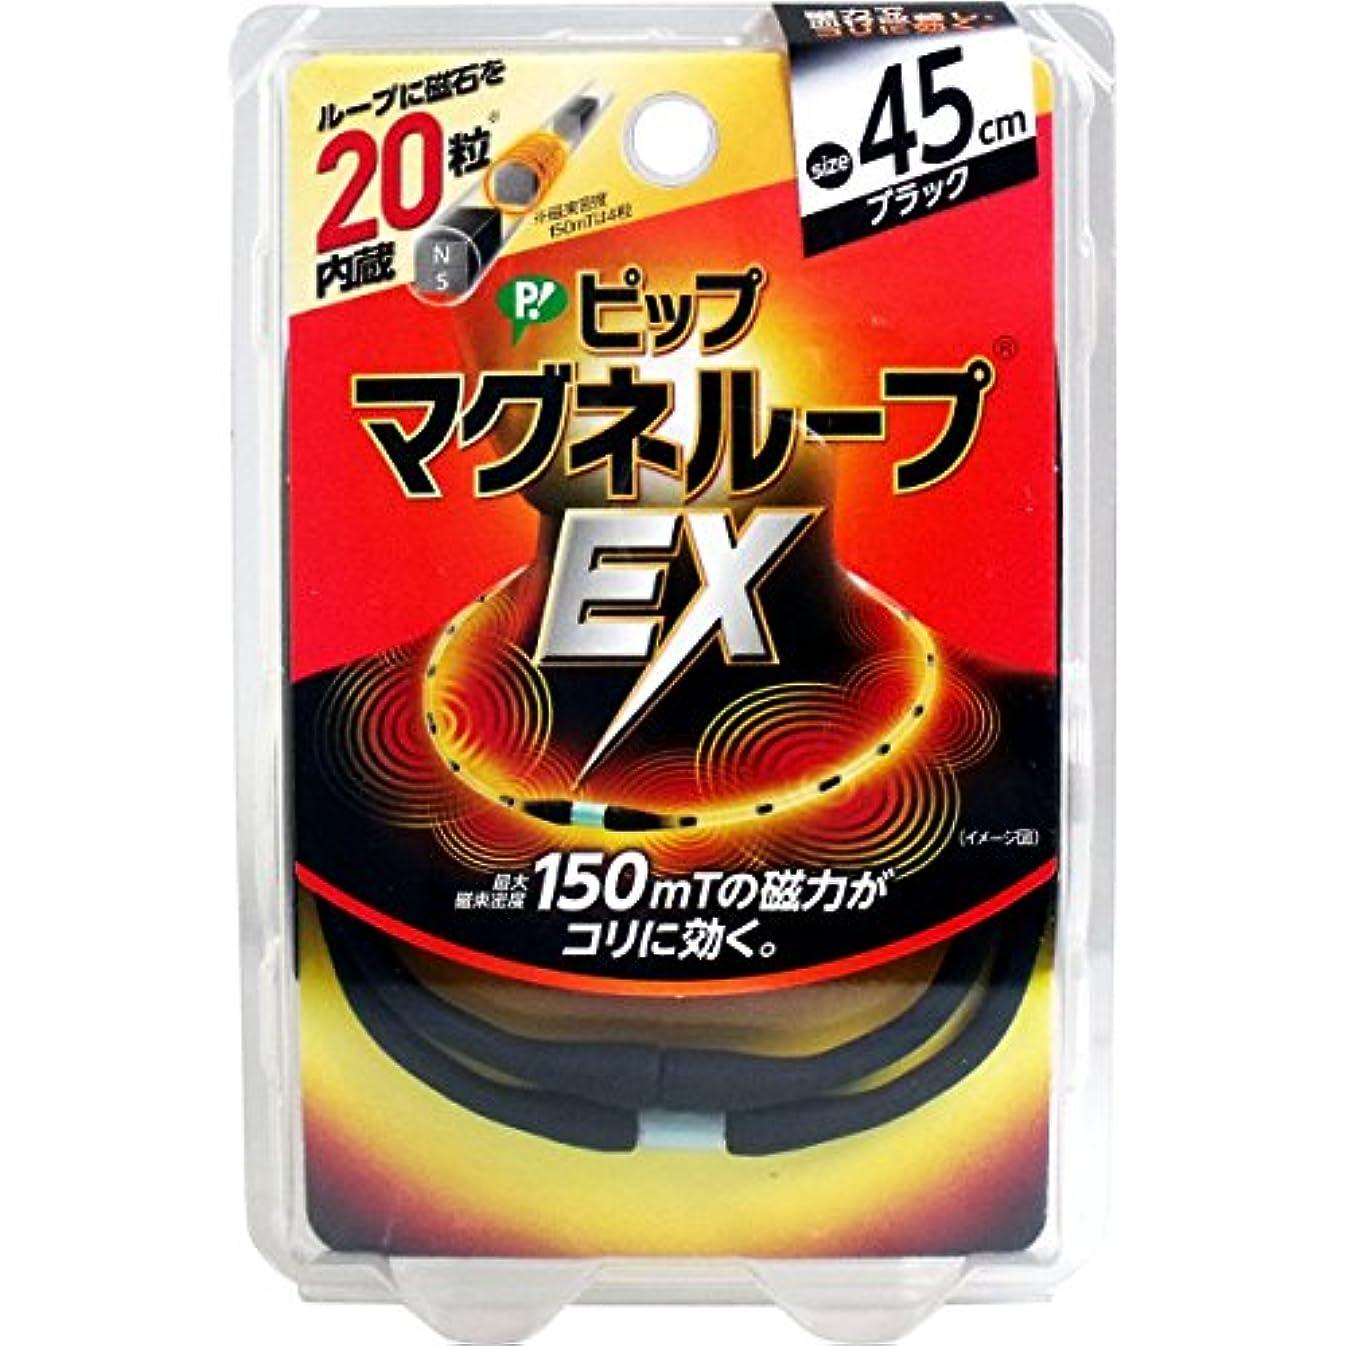 ロッジ自動的にカウンターパート【ピップ】マグネループEX 高磁力タイプ ブラック 45cm ×3個セット